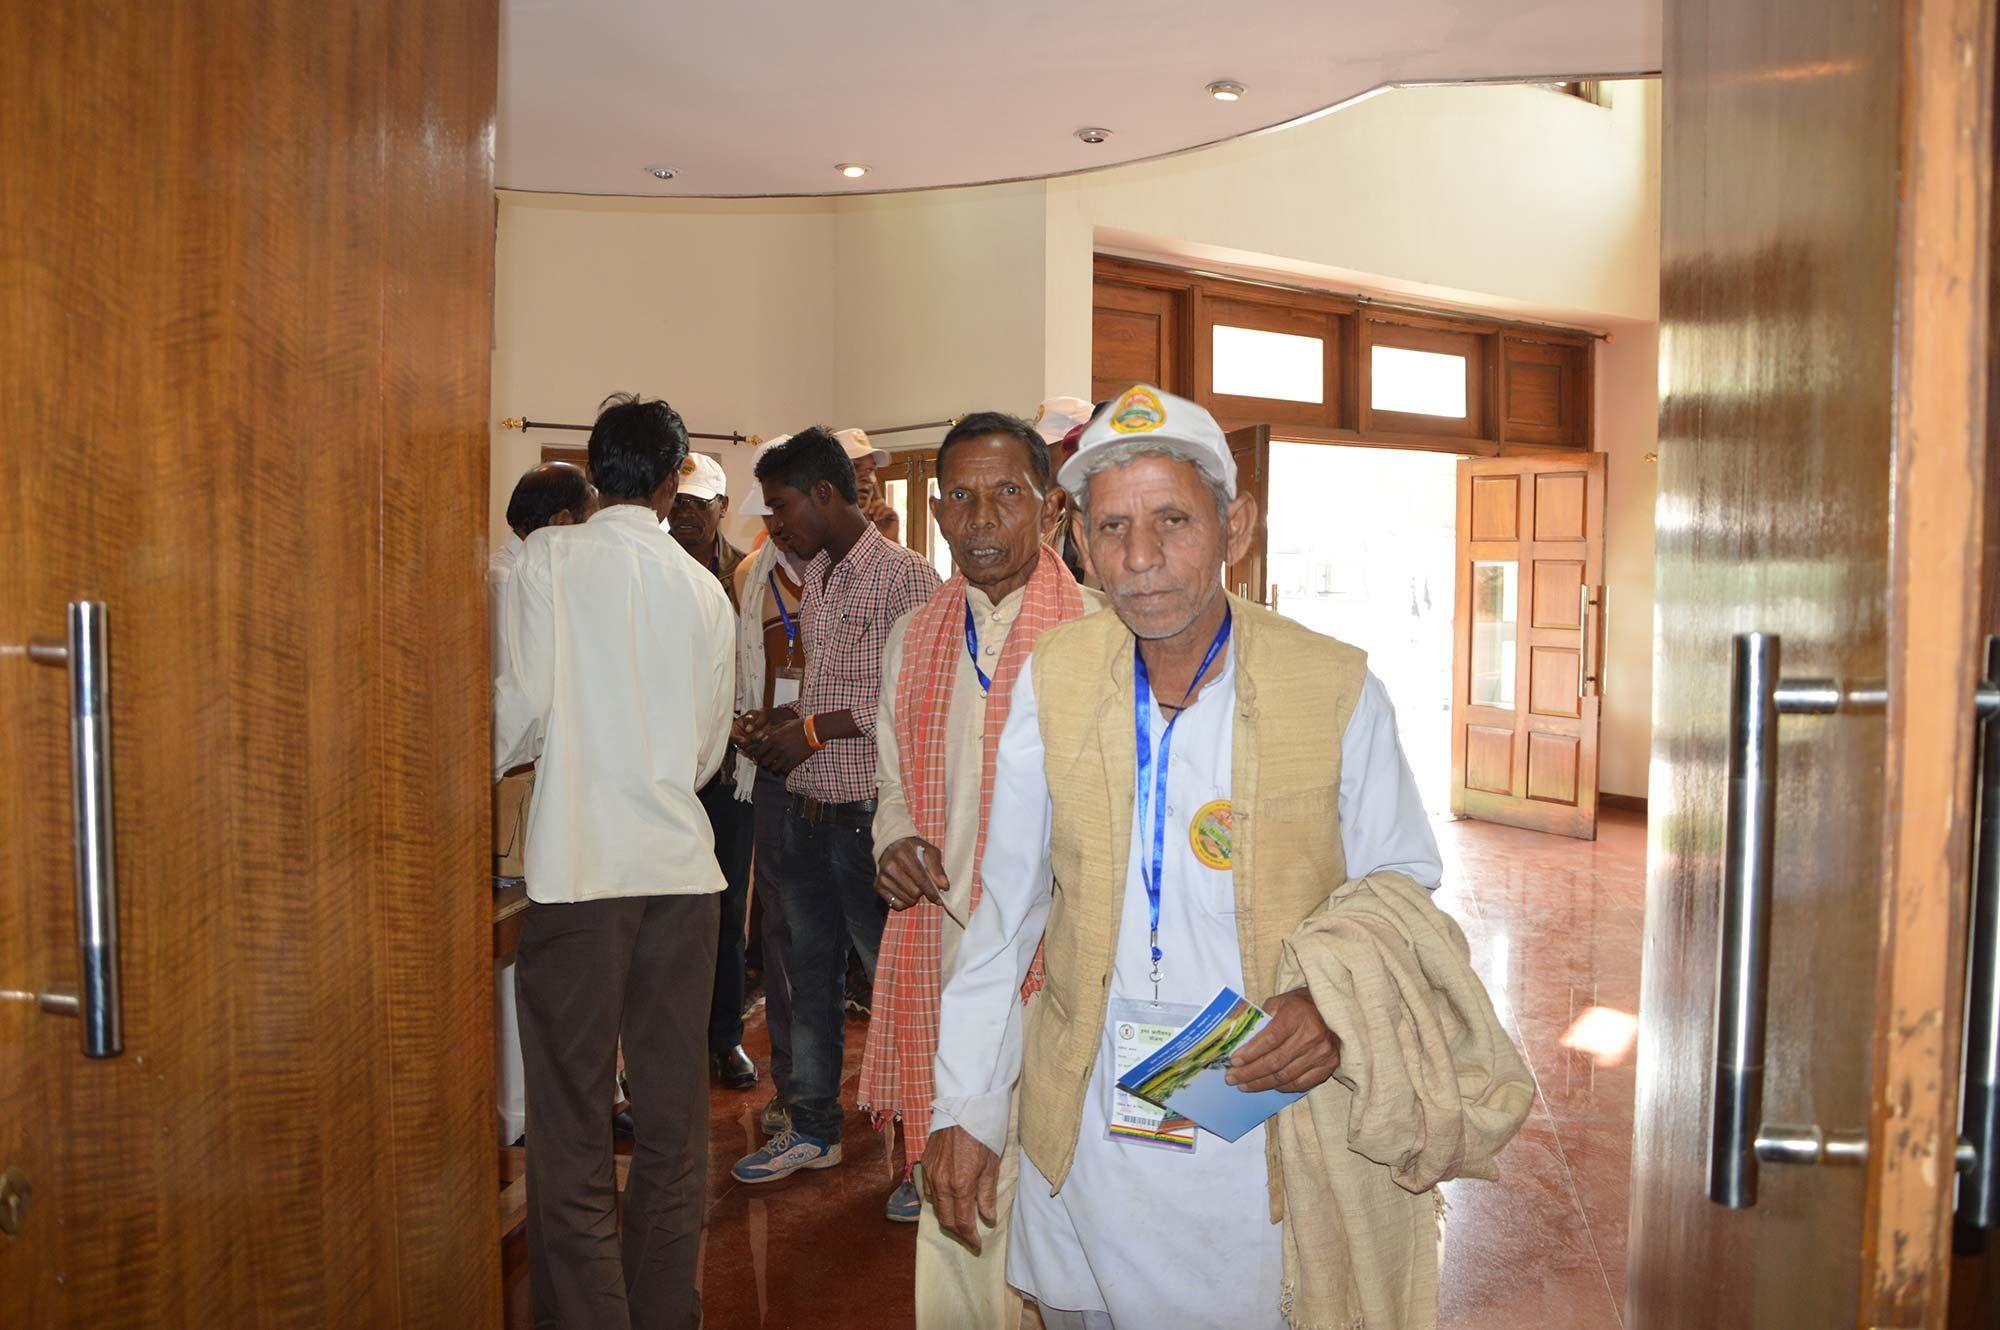 बिलासपुर एवं जांजगीर-चांपा जिले के सहकारिता प्रतिनिधि छत्तीसगढ़ विधानसभा पहुंचे. जहाँ डॉ. श्यामाप्रसाद मुकर्जी प्रेक्षा गृह में उन्हें विधानसभा की संरचना, व्यवस्था के संबंध में जानकारी दी गई. सेंट्रल हॉल का अवलोकन करने के बाद वे सदन पहुंचे. सदन के भीतर पहुंचकर वे बेहद हर्षित हुए. यहाँ उन्हें विधानसभा सत्र के दौरान होने वाली कार्यवाही एवं पक्ष-विपक्ष के विधायकों की बैठक व्यवस्था के बारे में बताया गया. विधानसभा का भ्रमण उनके लिए सुखद अनुभव रहा.